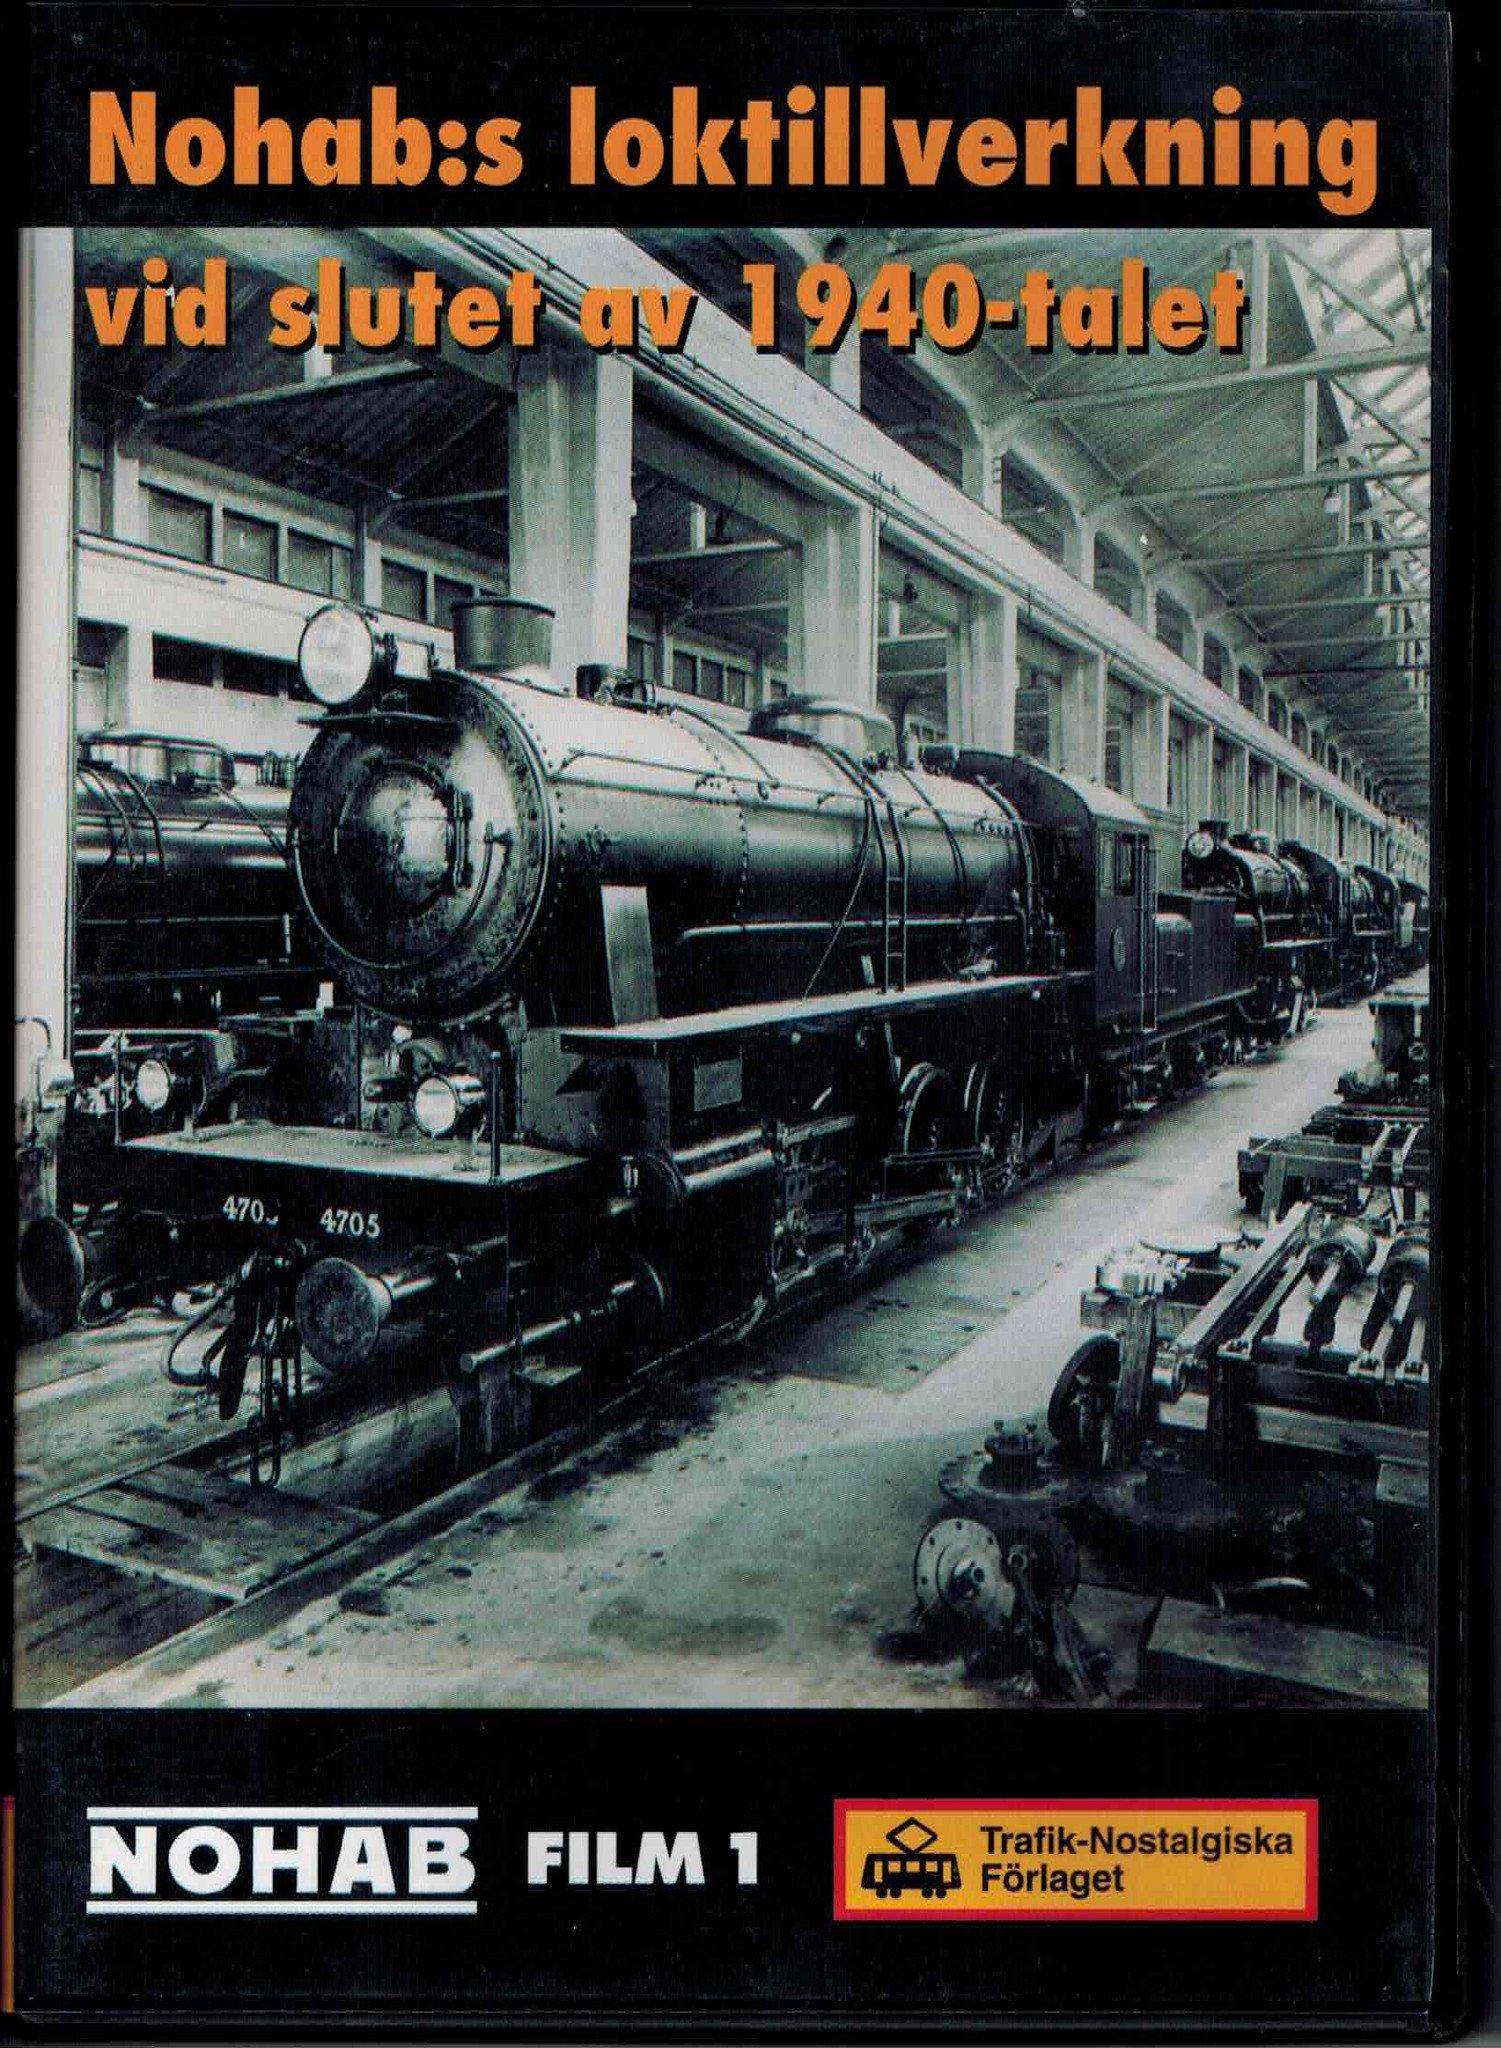 Nohab:s loktilverkning vid slutet av 1940-talet